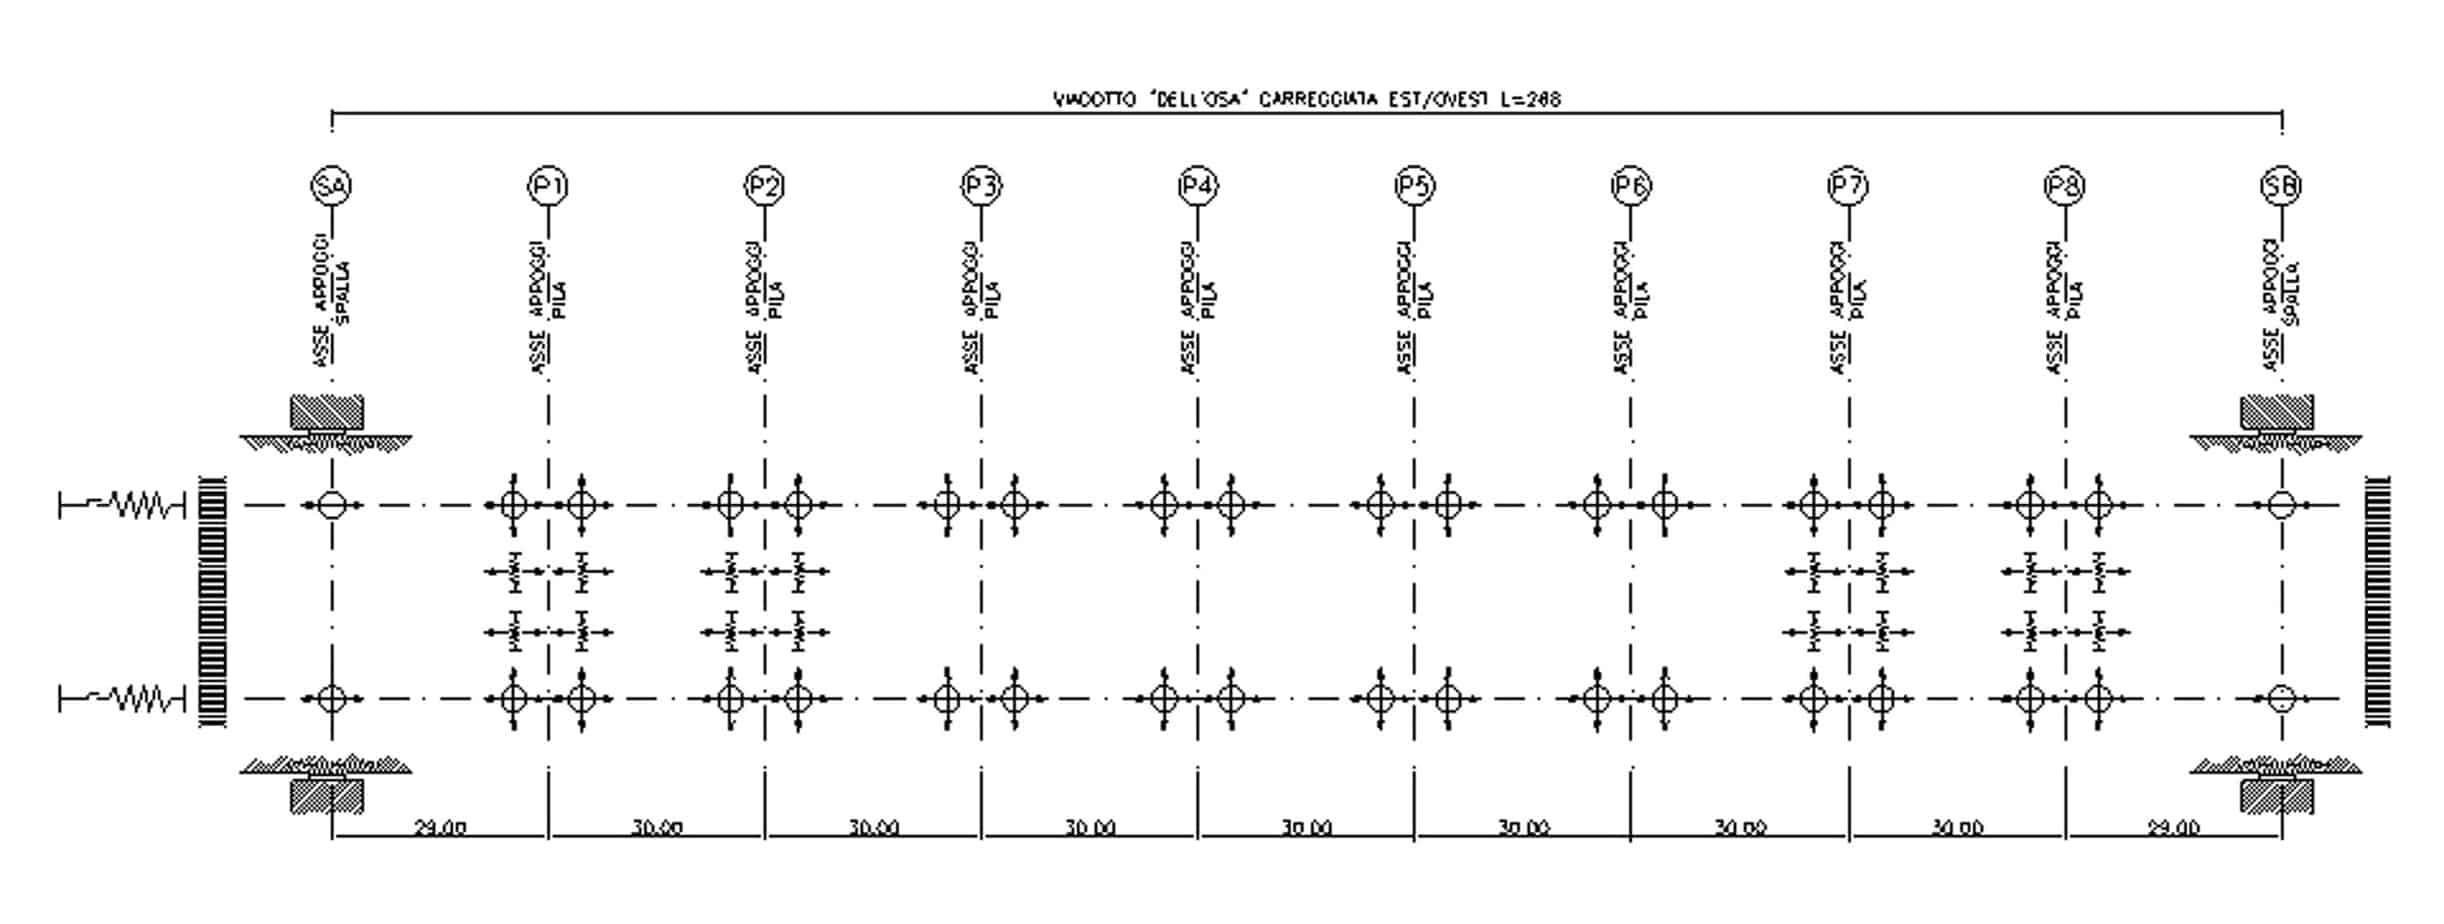 Lo schema dei vincoli del viadotto dell'Osa